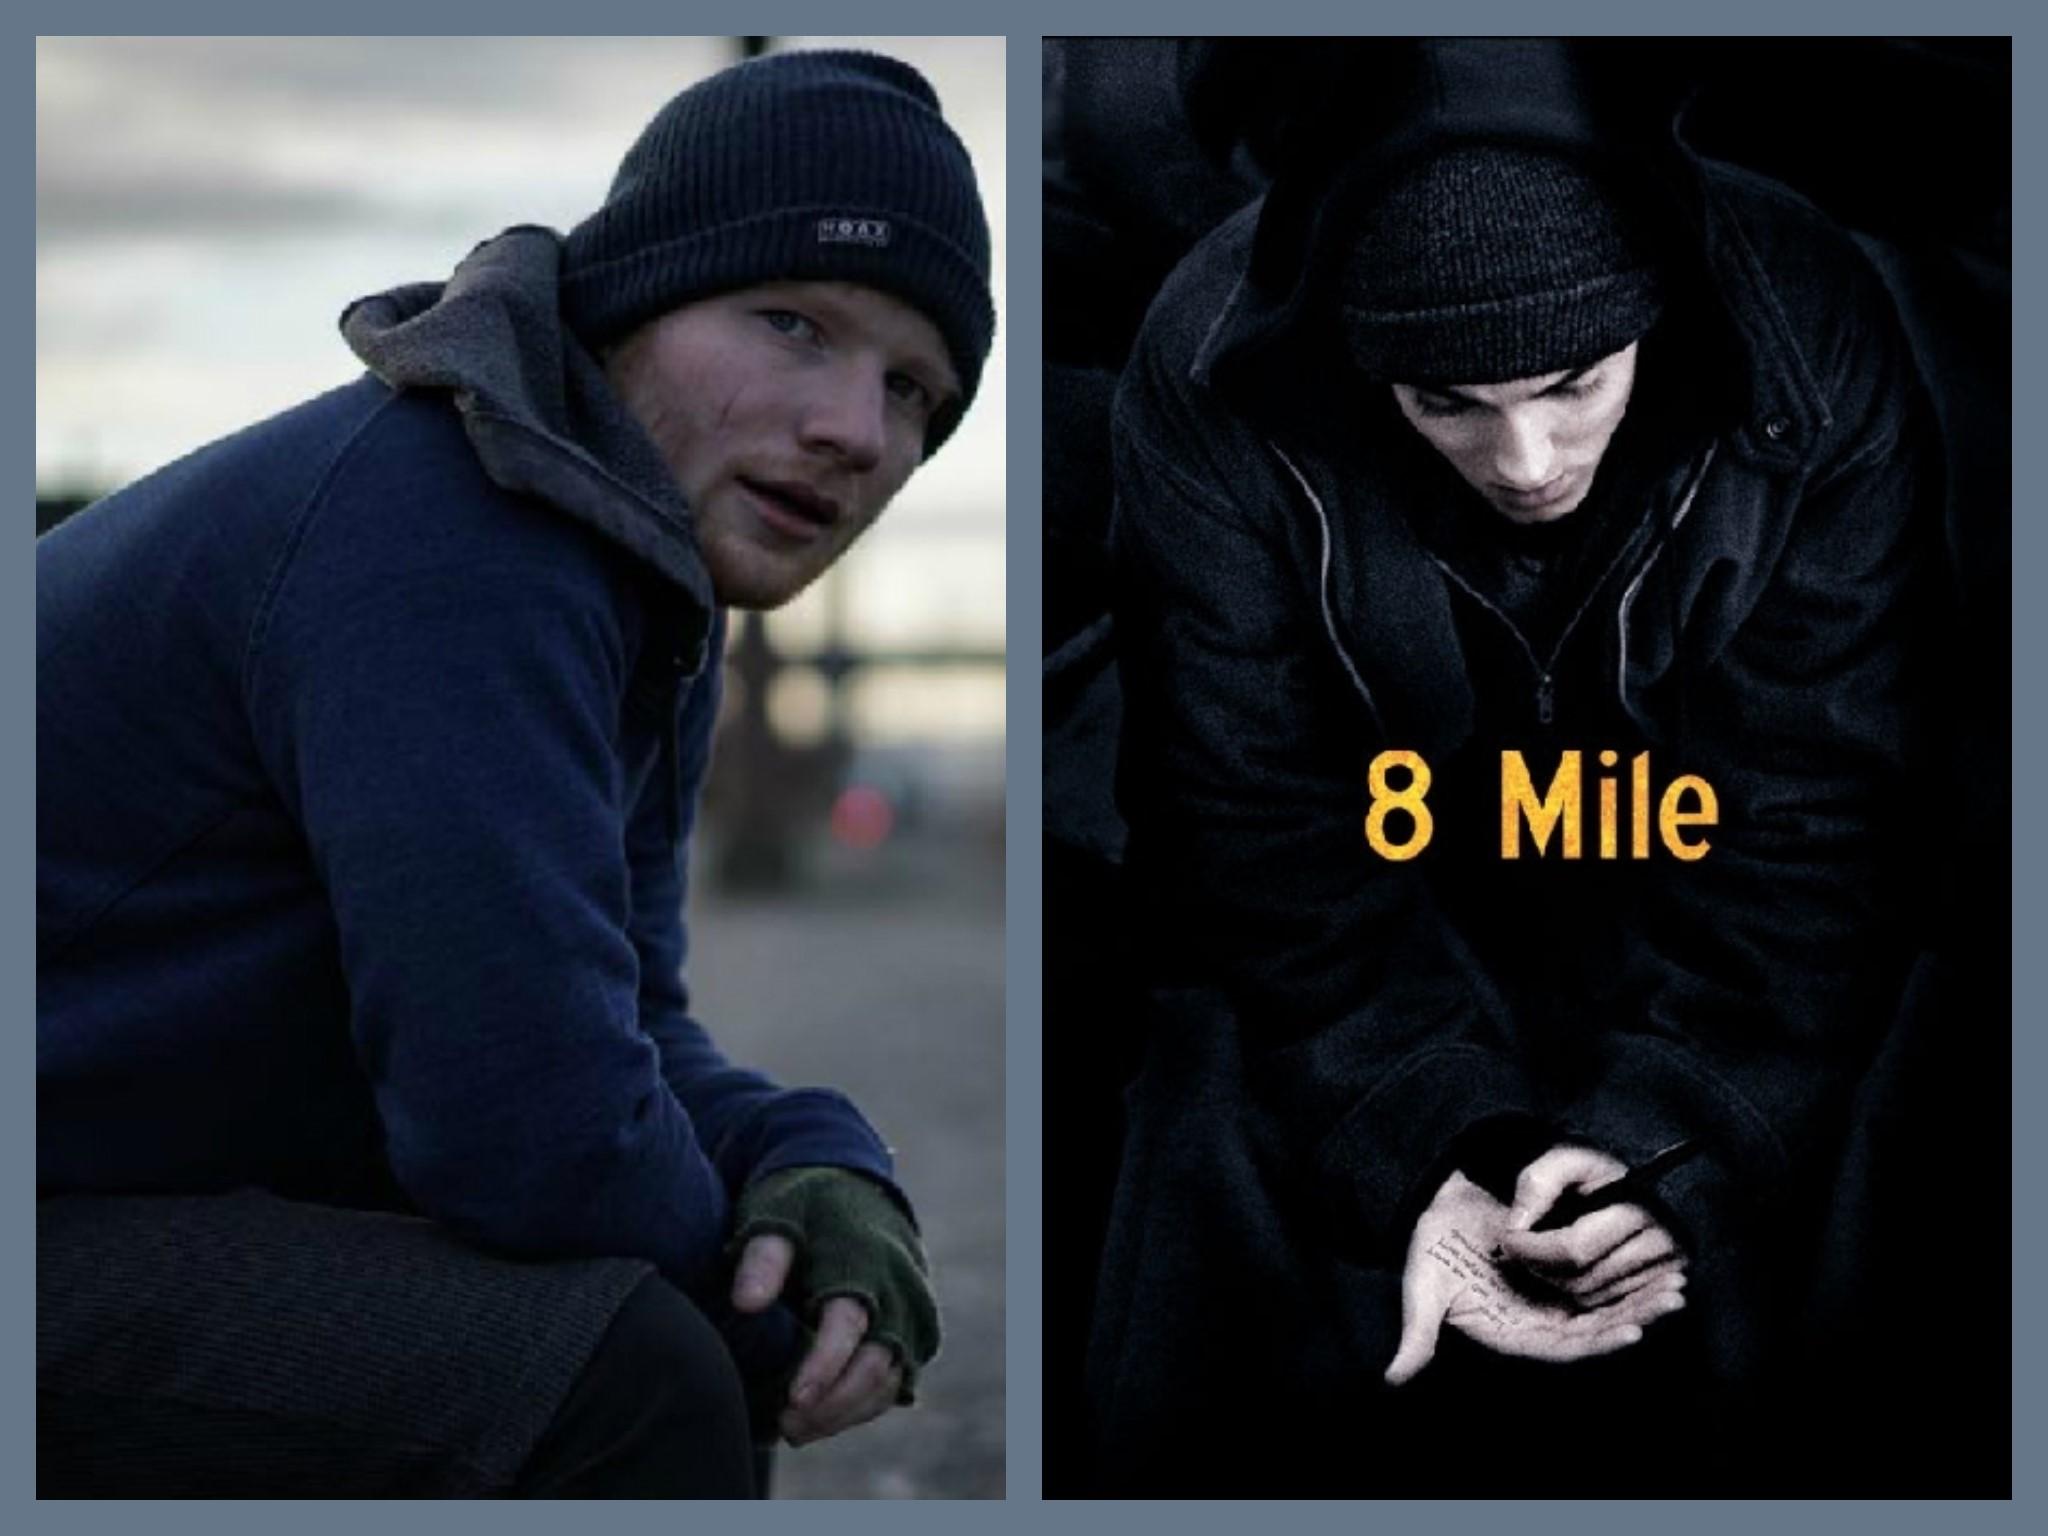 eminem ed sheeran, eminem 8 mile